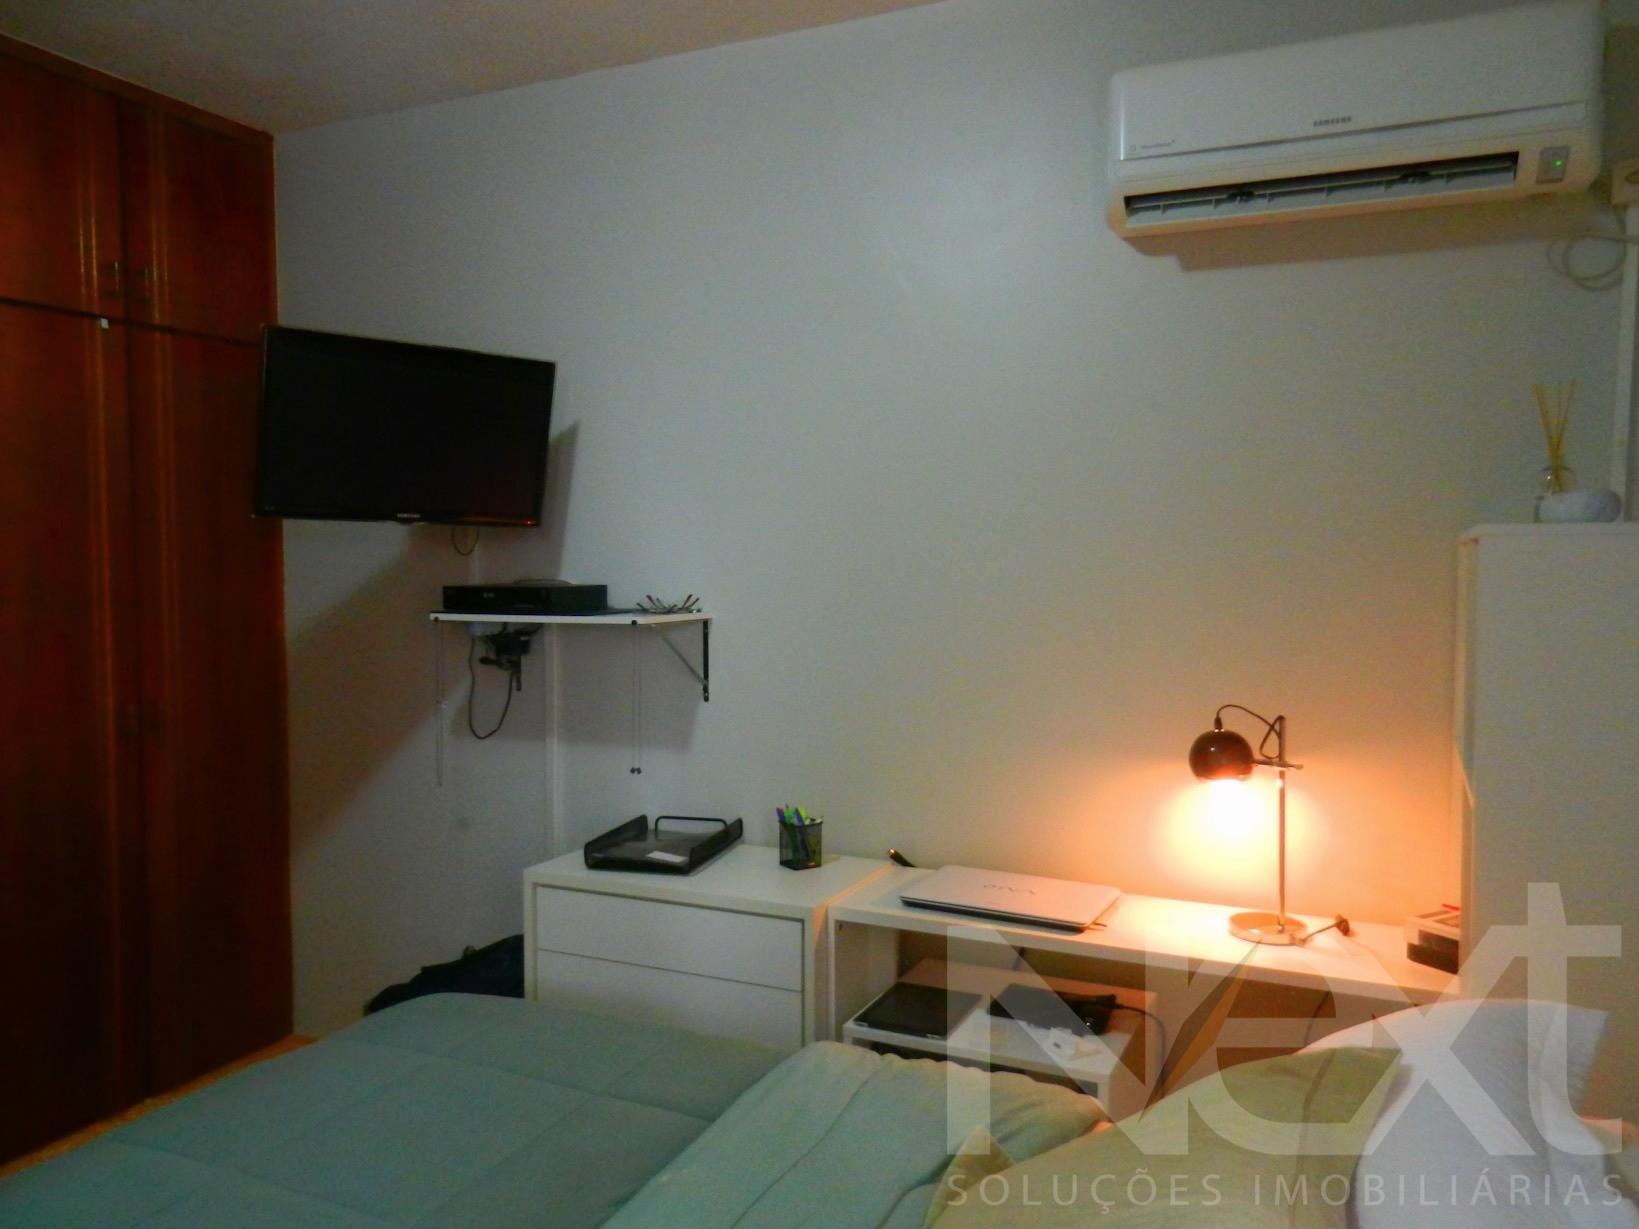 Apartamento de 3 dormitórios à venda em Jardim Proenca, Campinas - SP